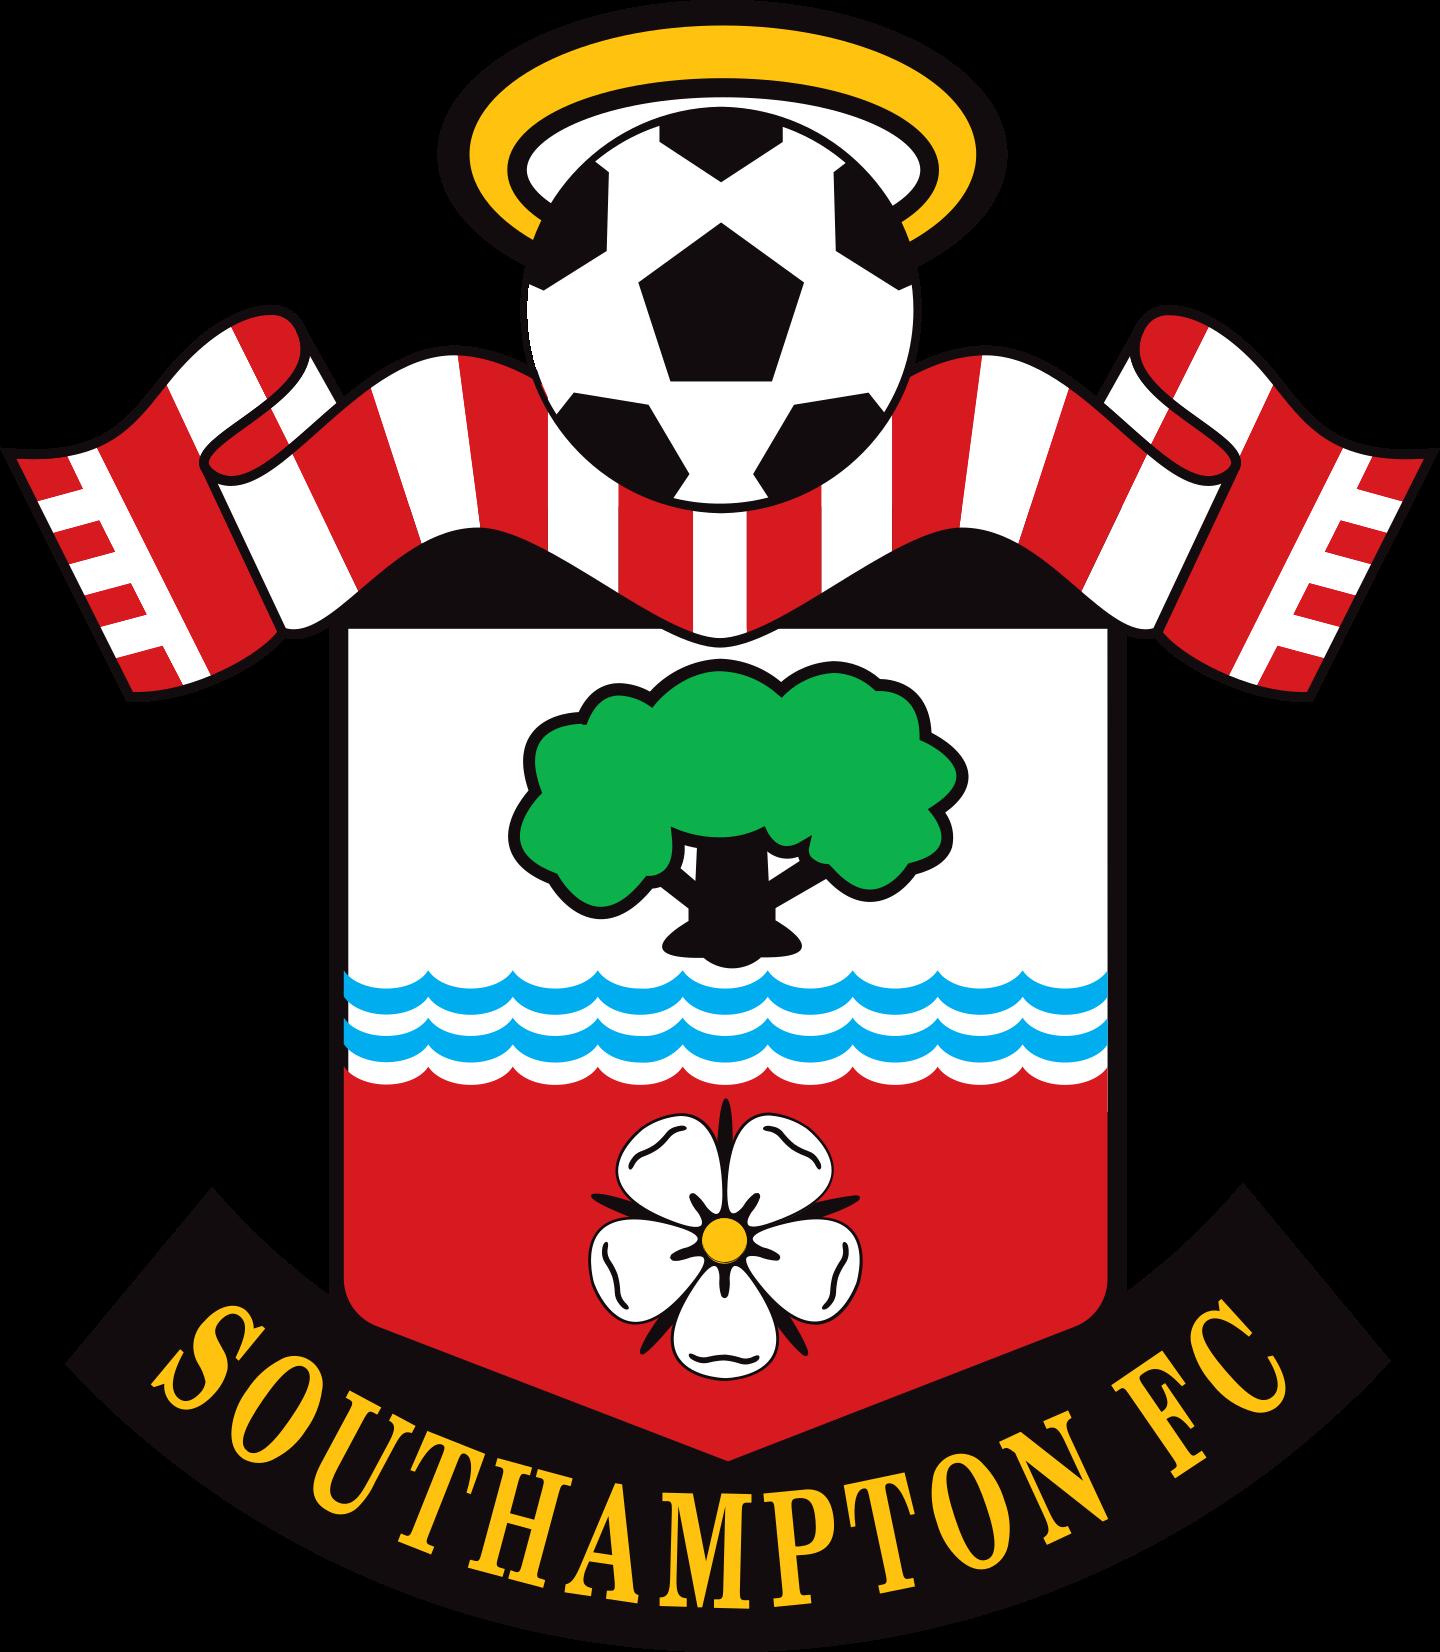 southampton fc logo 2 - Southampton FC Logo